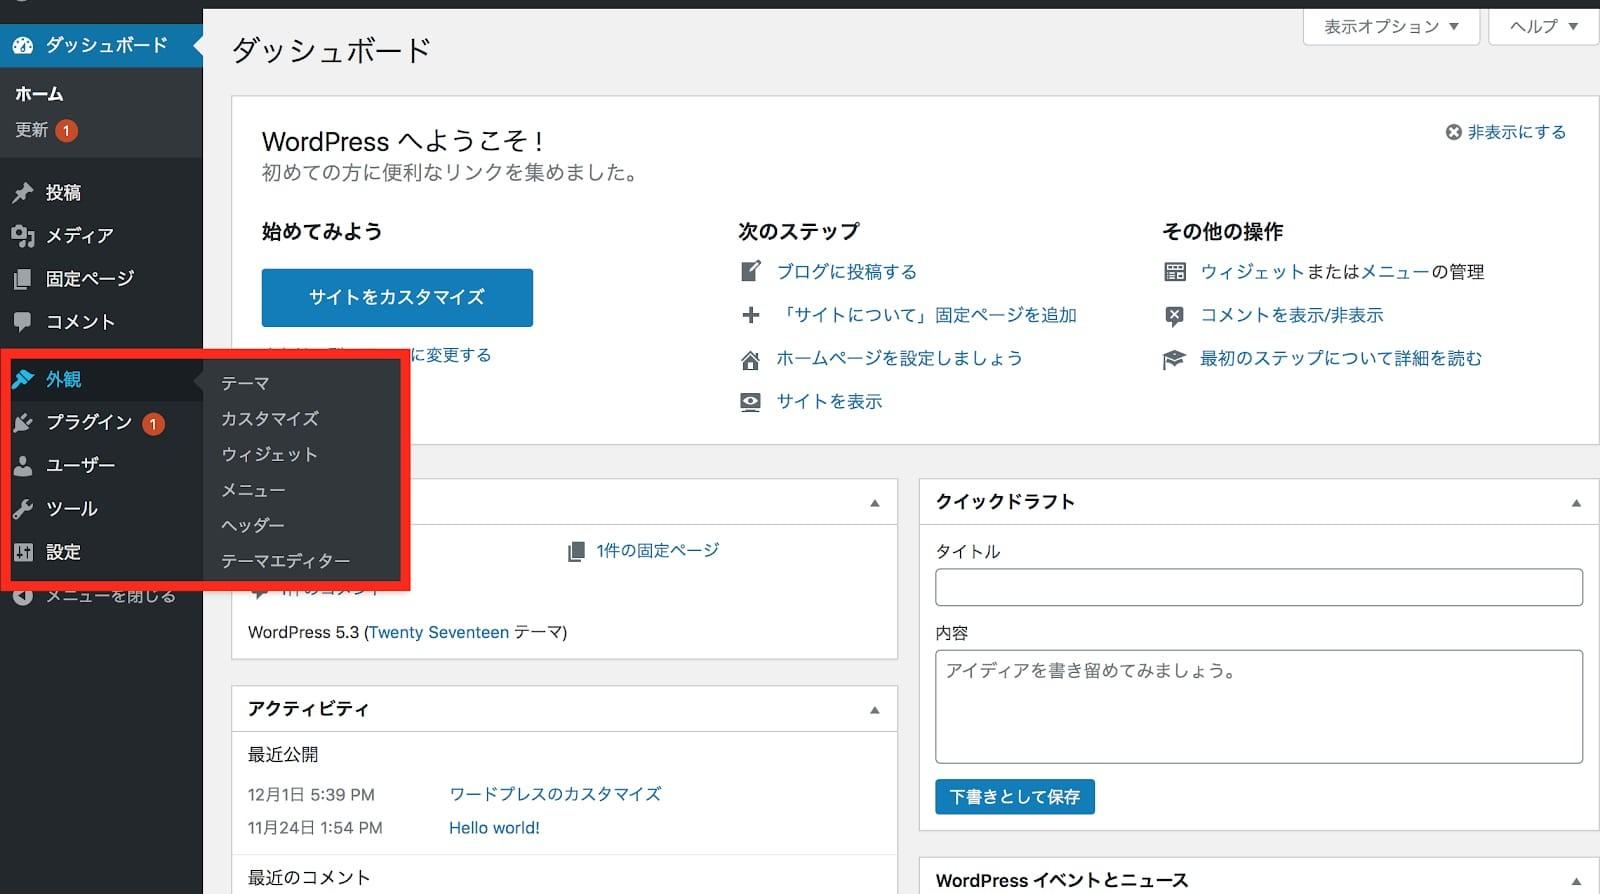 WordPress_テーマ_2